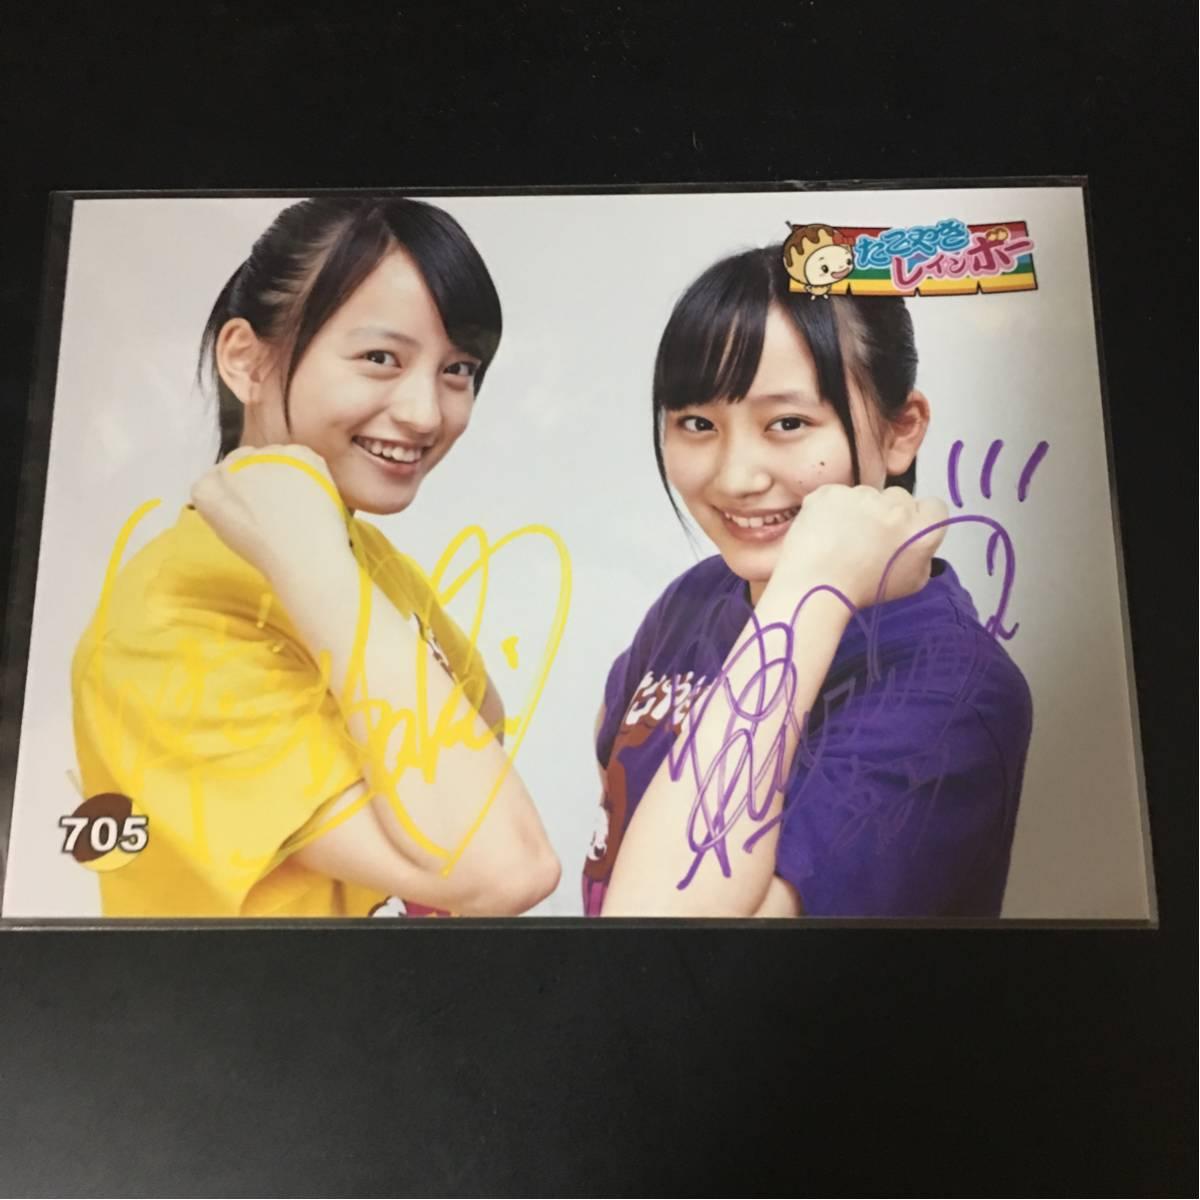 清井咲希 堀くるみ 生写真 サイン たこ虹 たこやきレインボー さきてぃ くーちゃん ライブグッズの画像